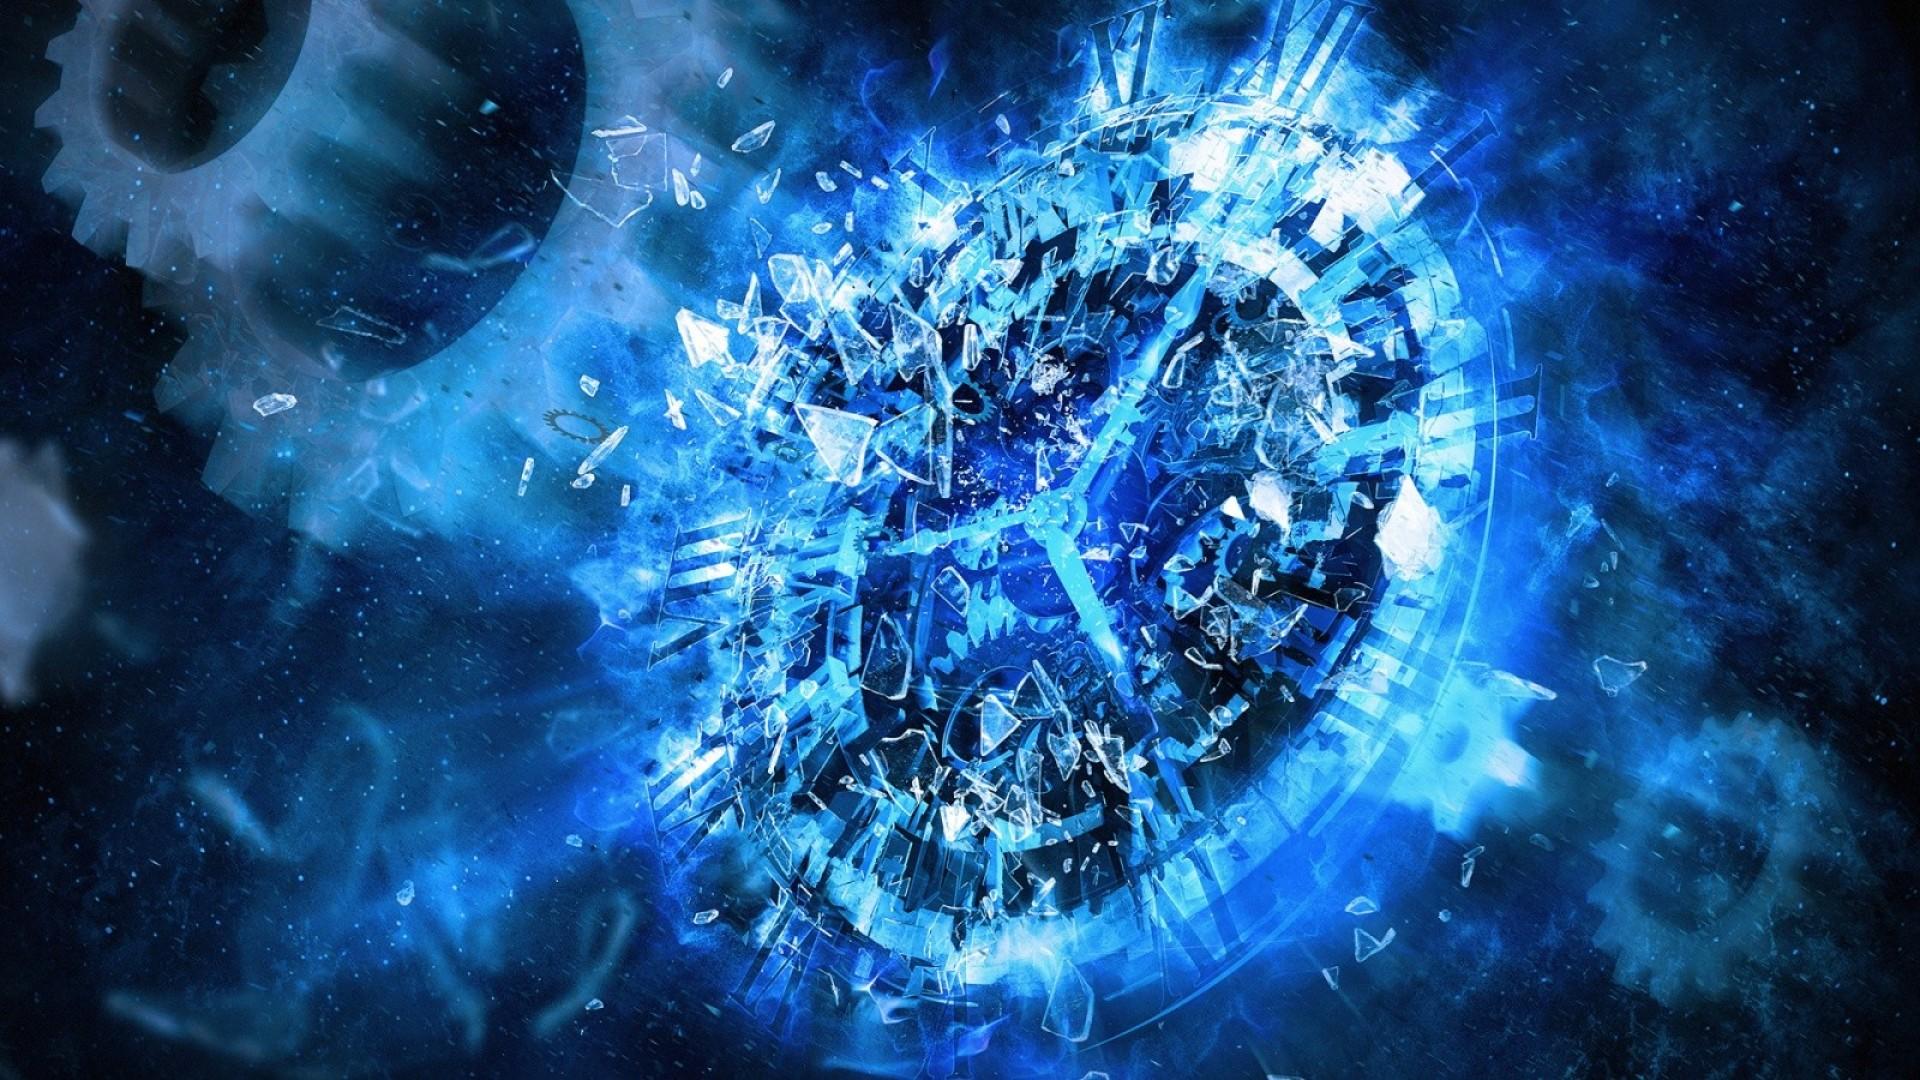 widescreen blue clock abstract hd desktop wallpaper 1920x1080